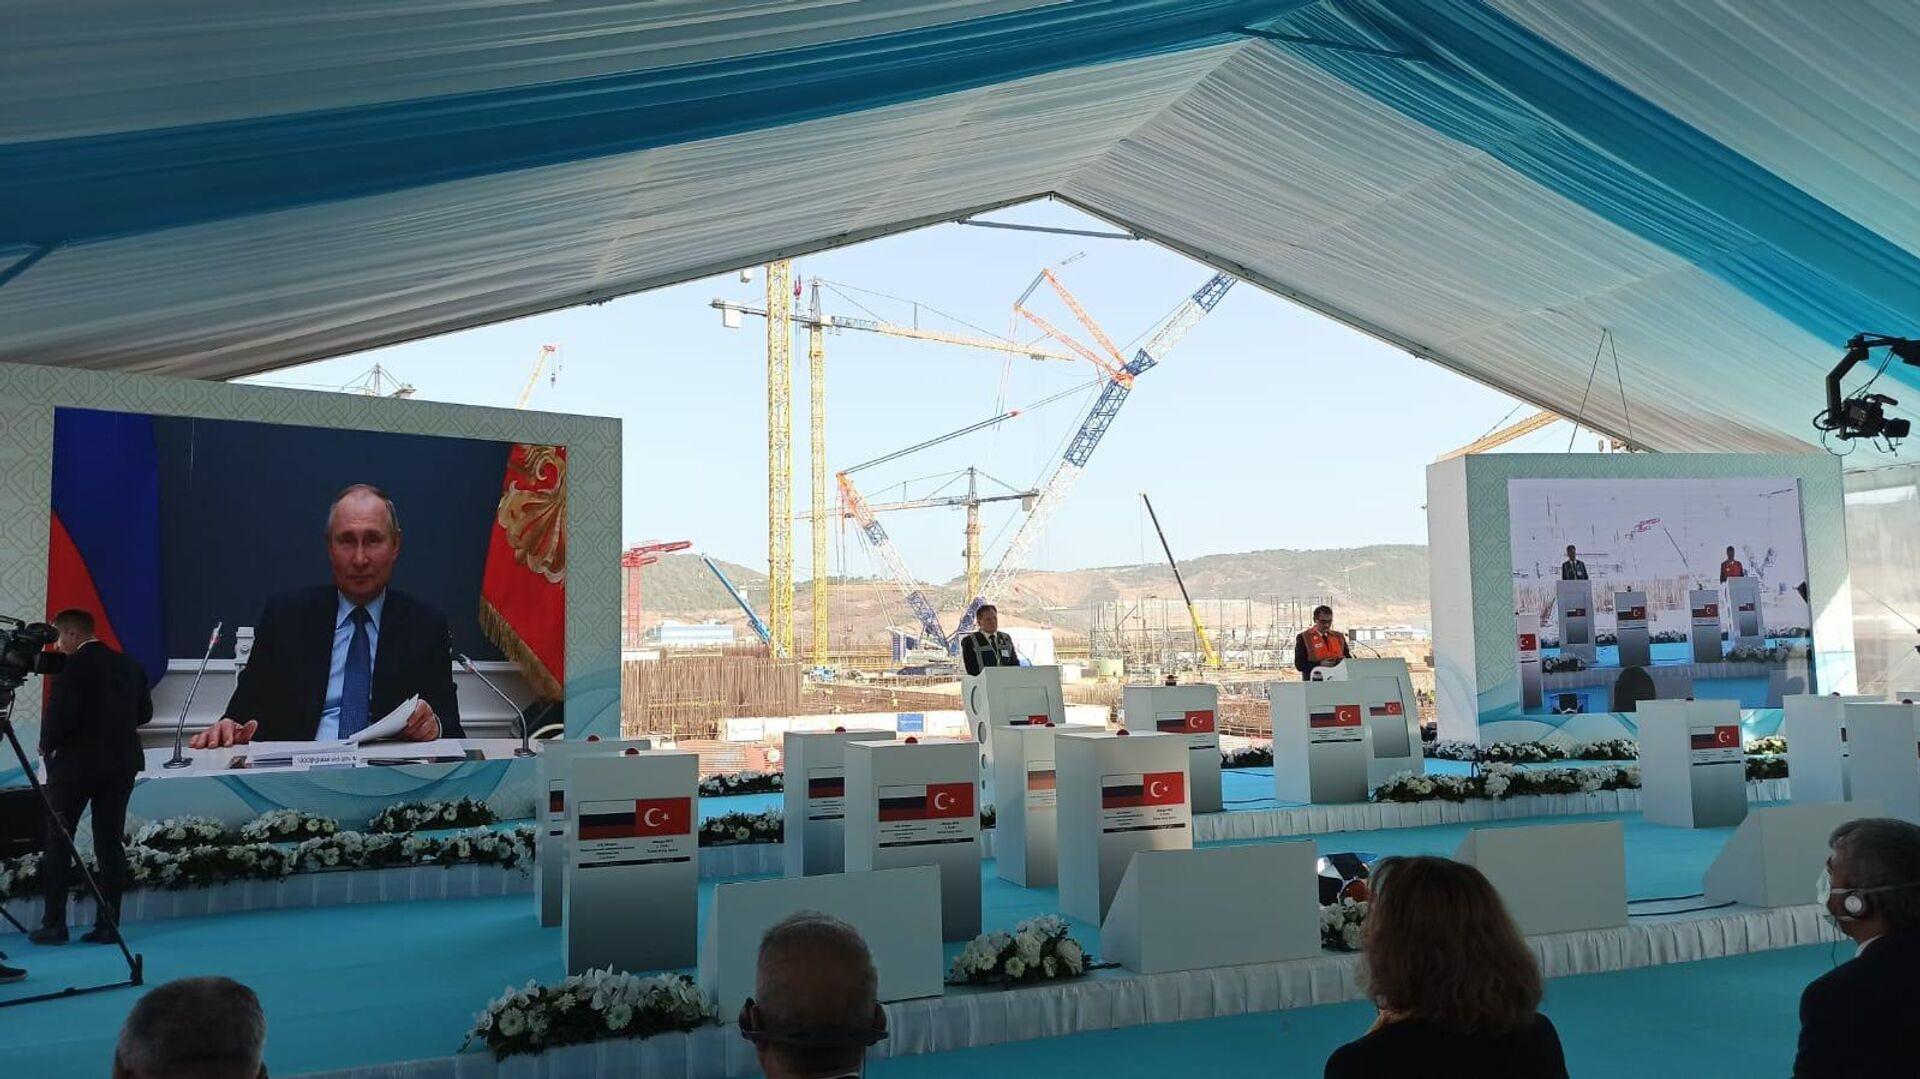 Inicio de construcción del tercer reactor de central nuclear de Akkuyu en Turquía - Sputnik Mundo, 1920, 10.03.2021